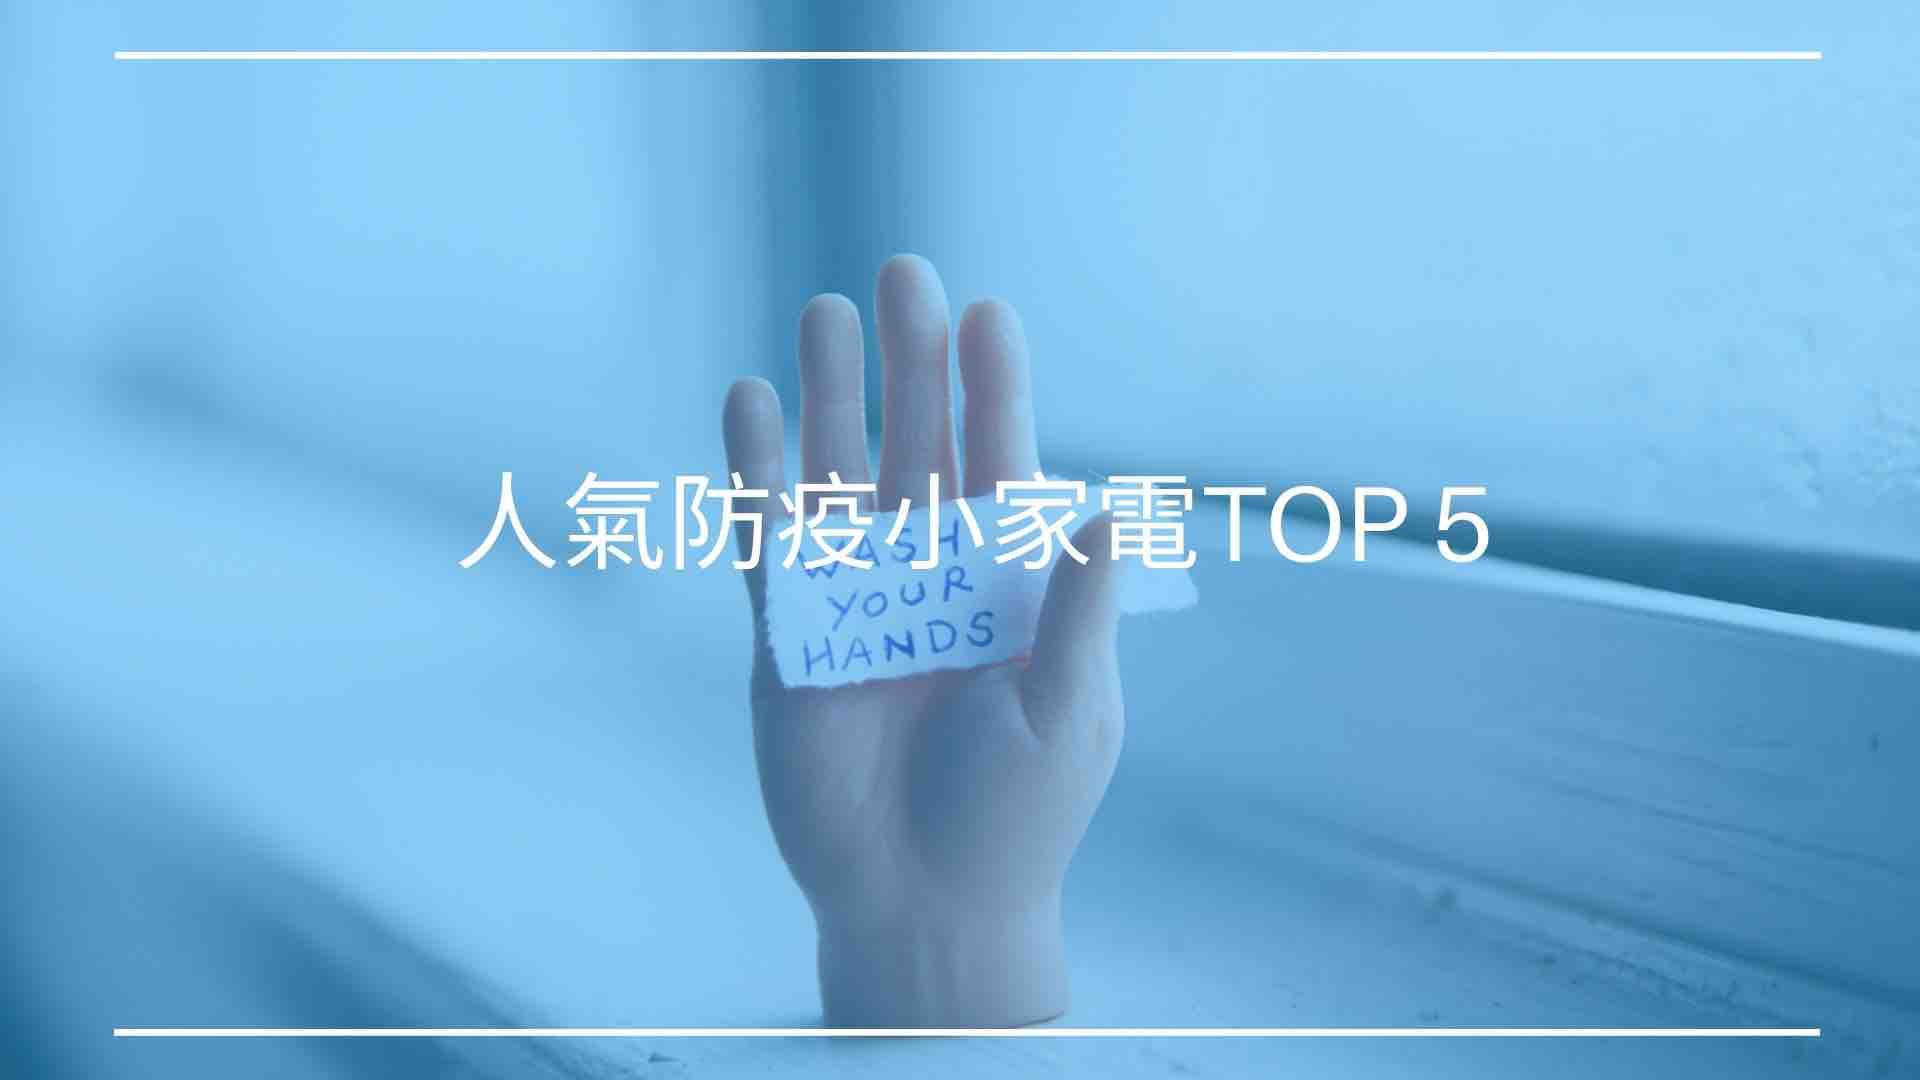 人氣防疫小家電|全民防疫從居家做起TOP 5